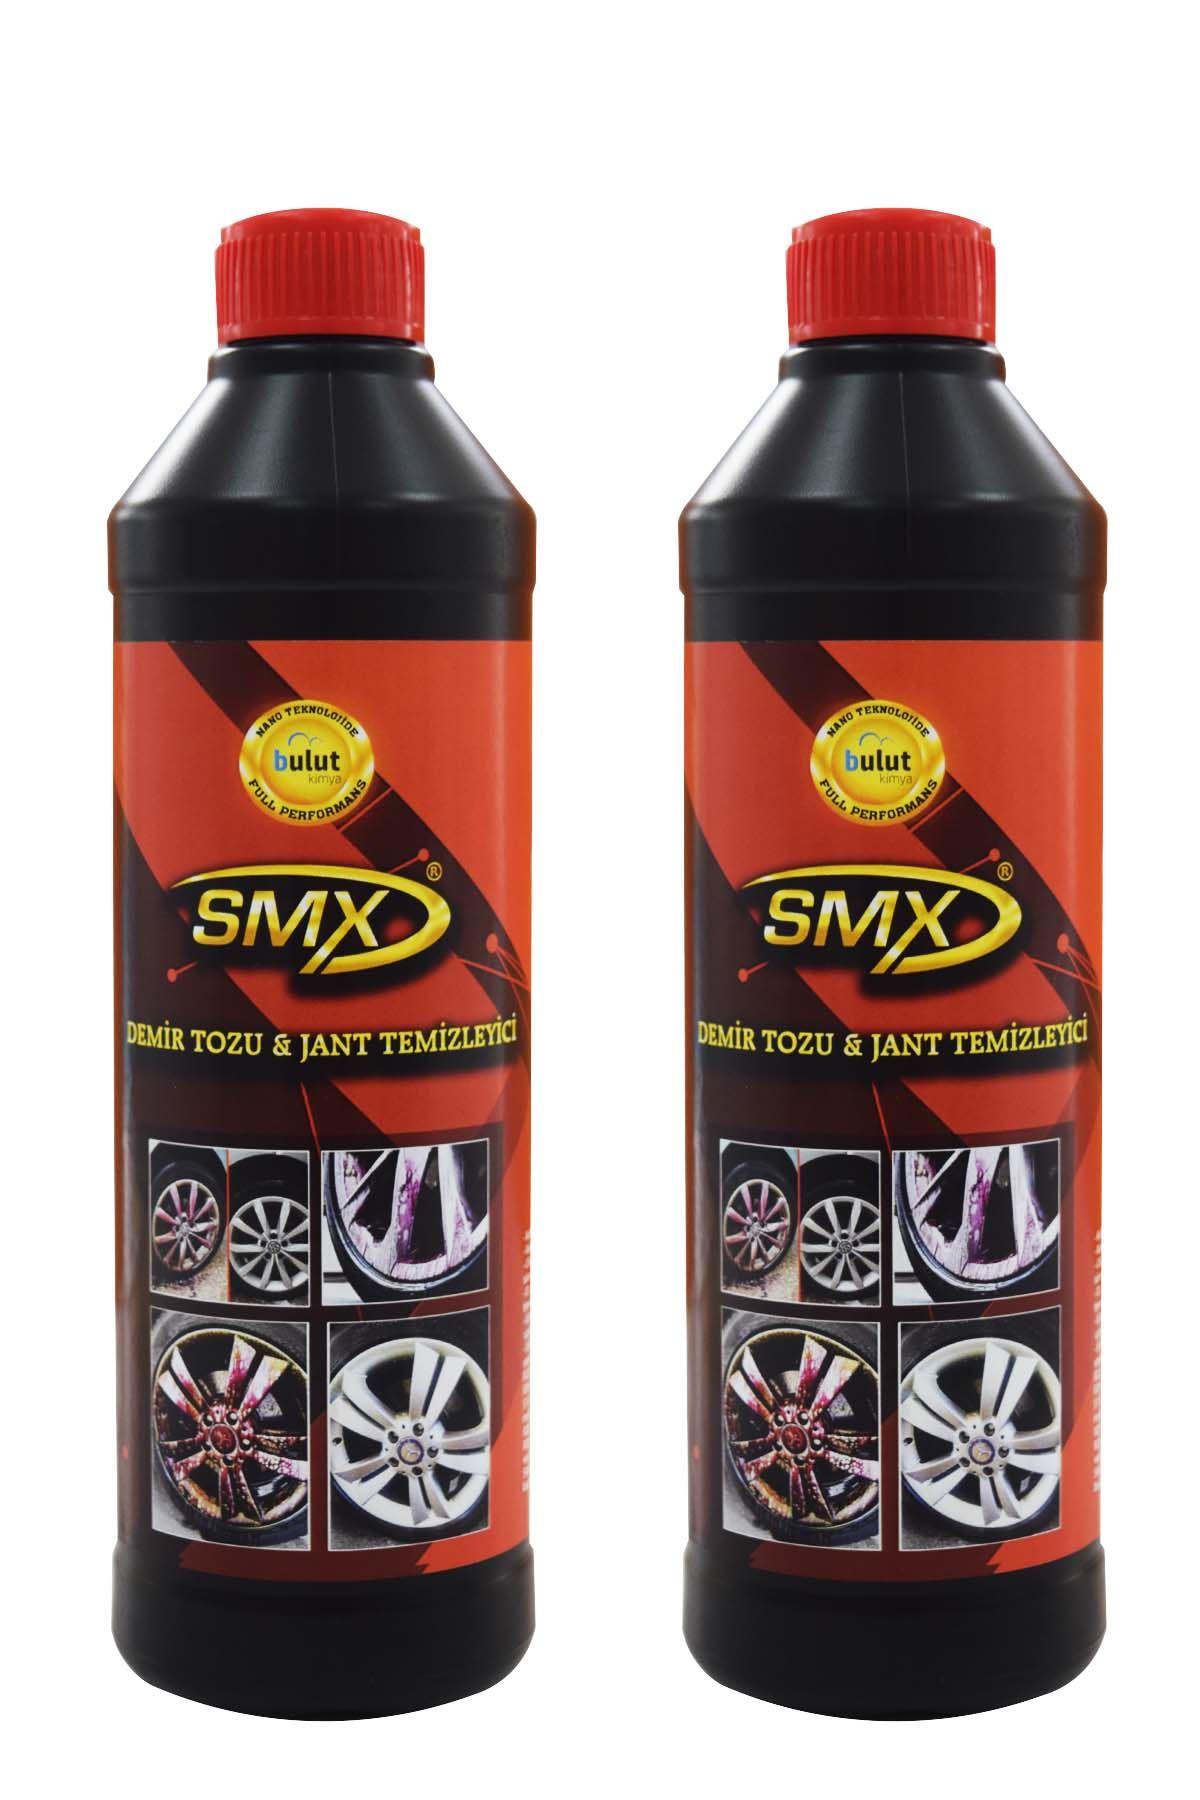 SMX Demir Tozu / Jant Temizleyici 2 ADET  (2x500 ML)